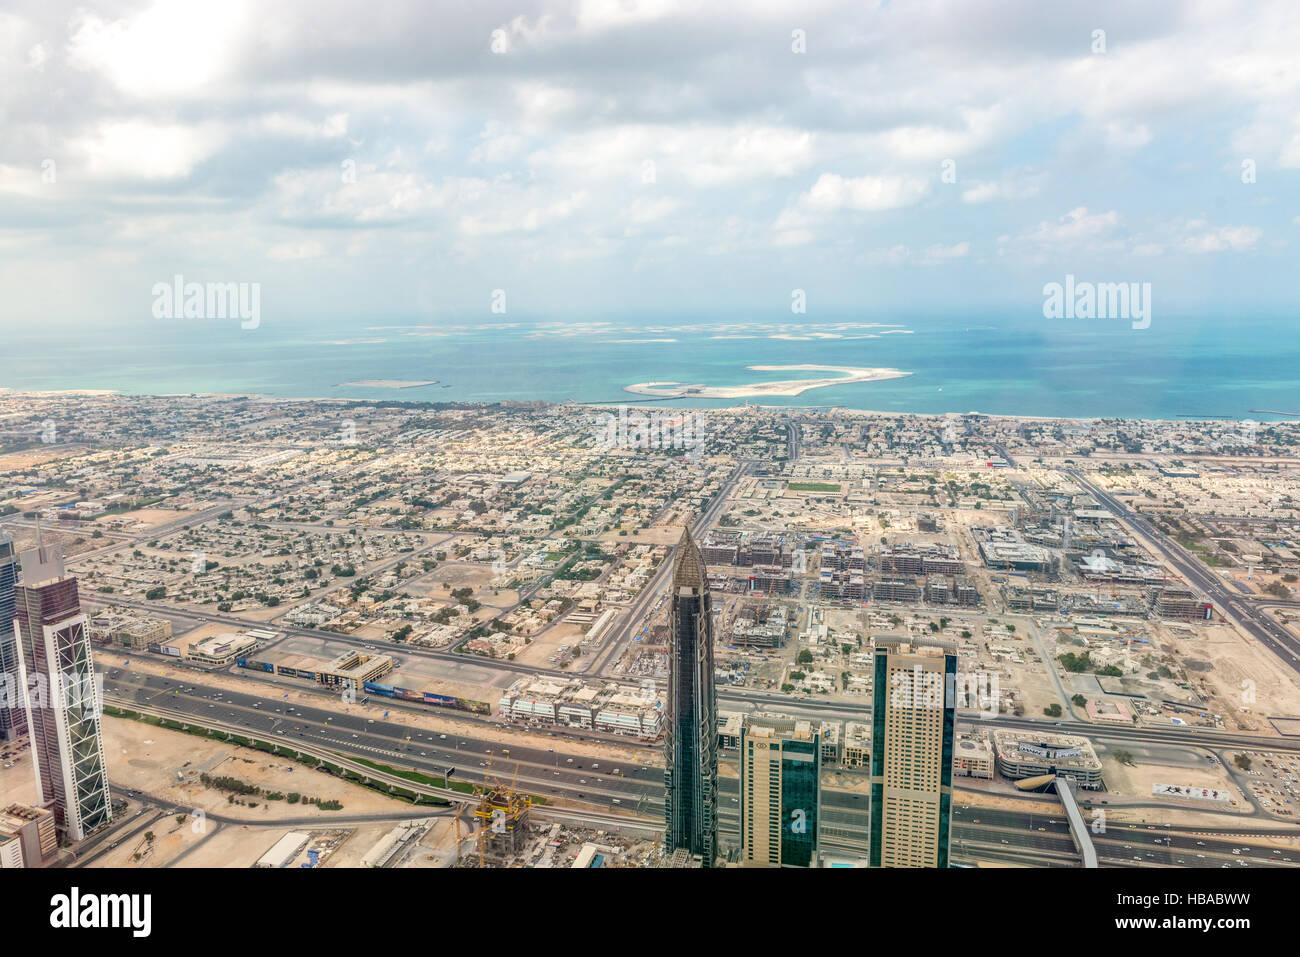 Aerial view of Dubai (United Arab Emirates) - Stock Image